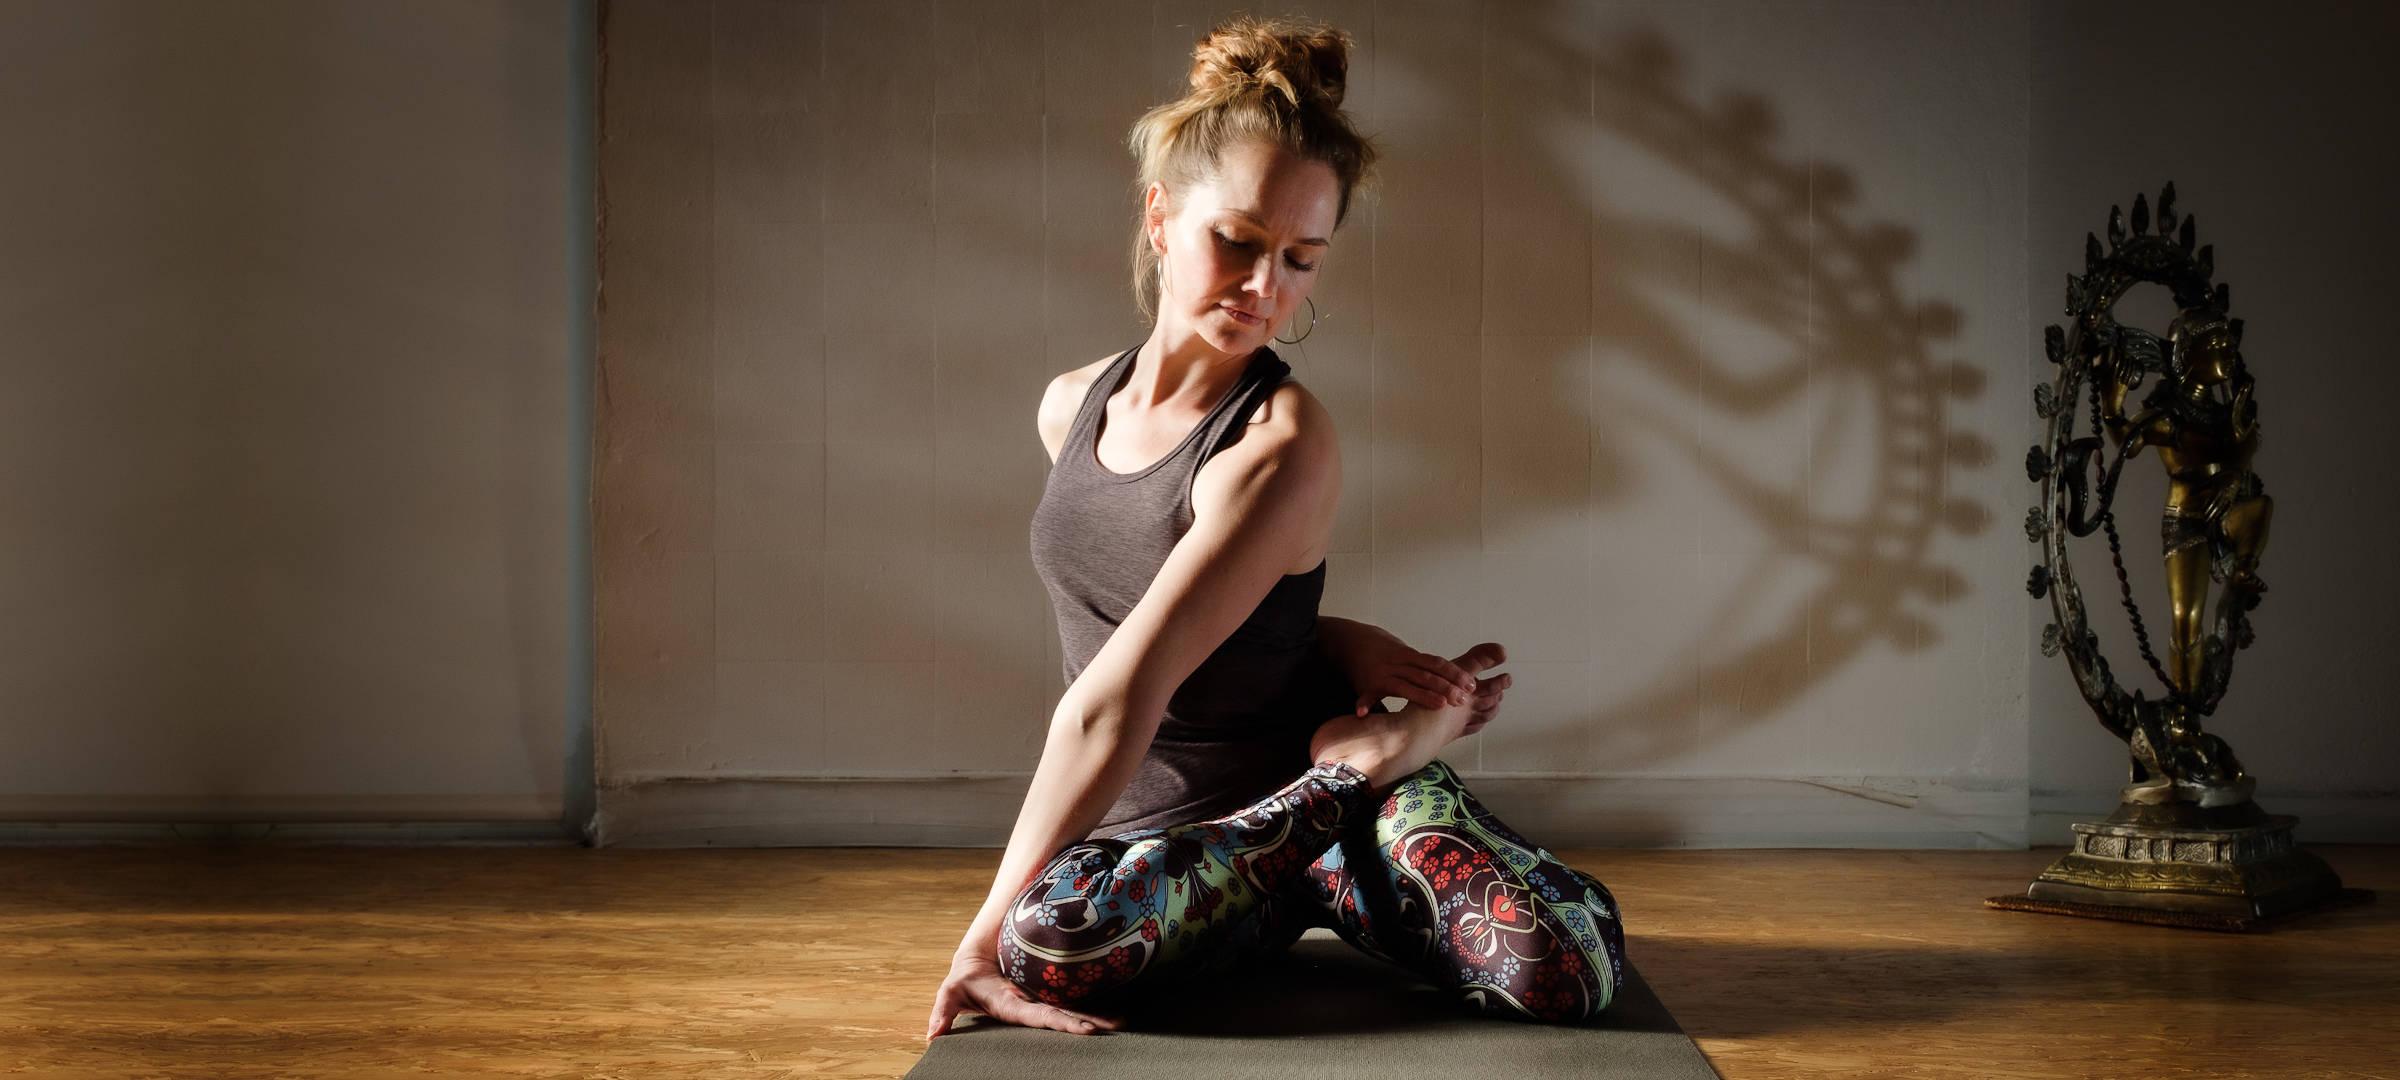 Yoga Moments – Alex Wührer